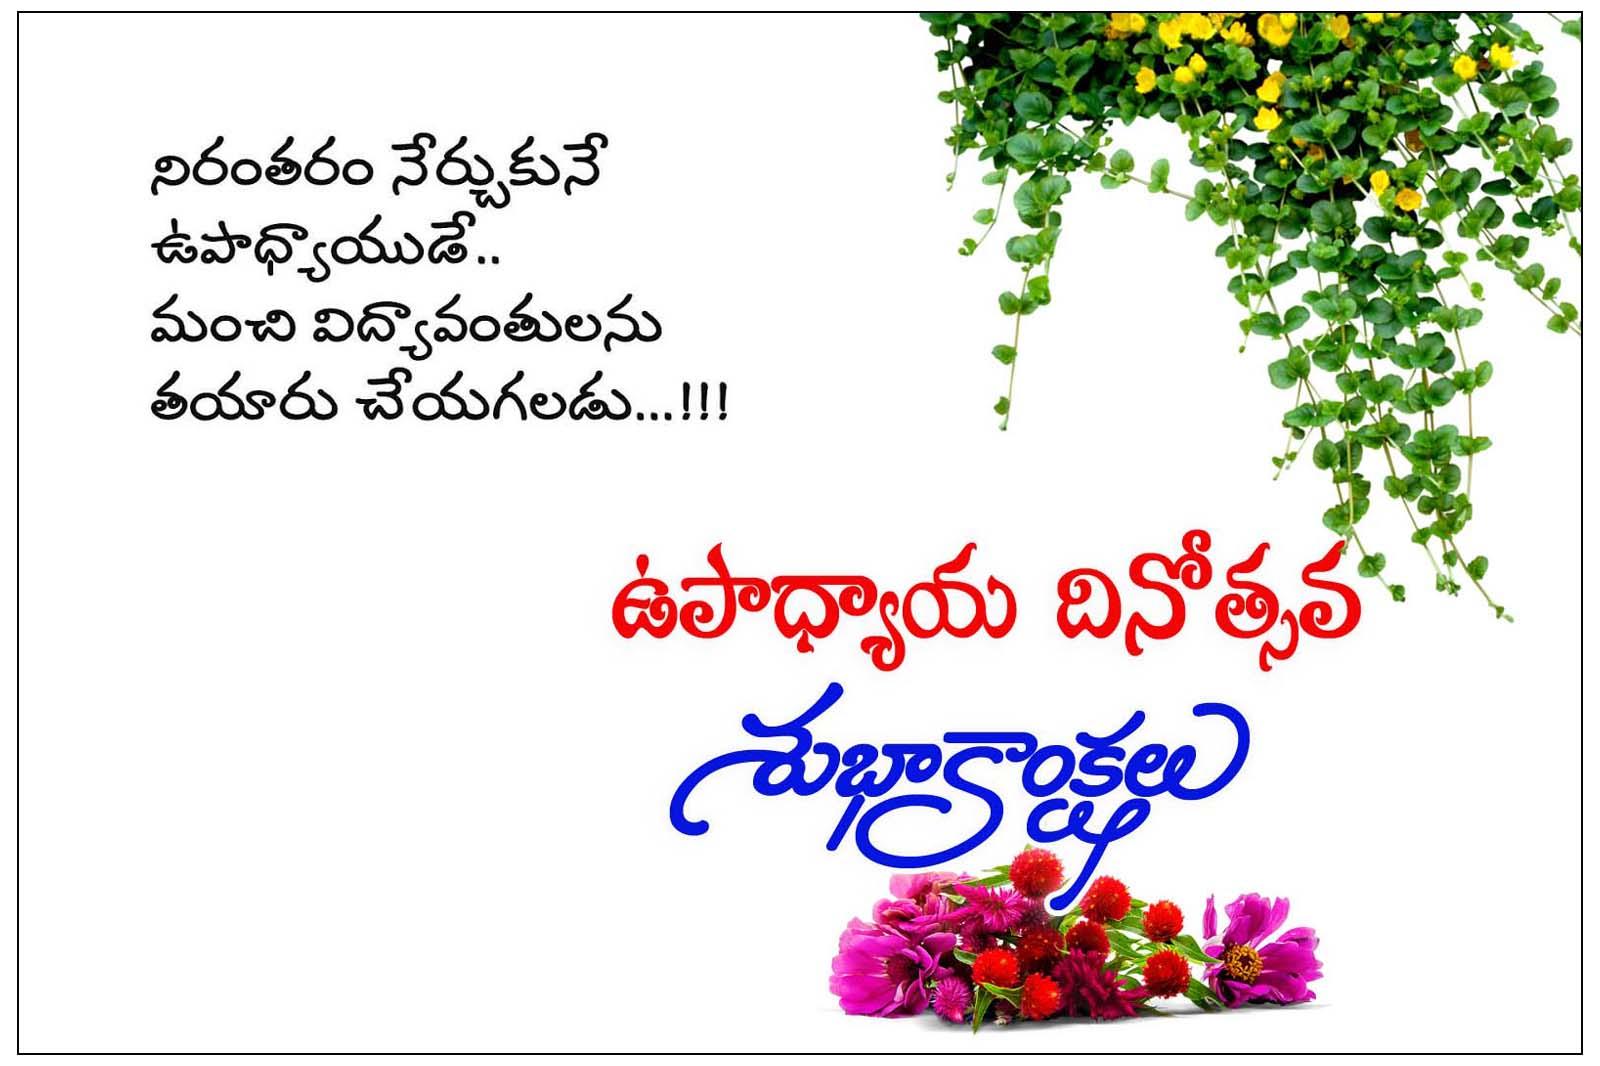 Telugu Suktulu Telugu Quotes